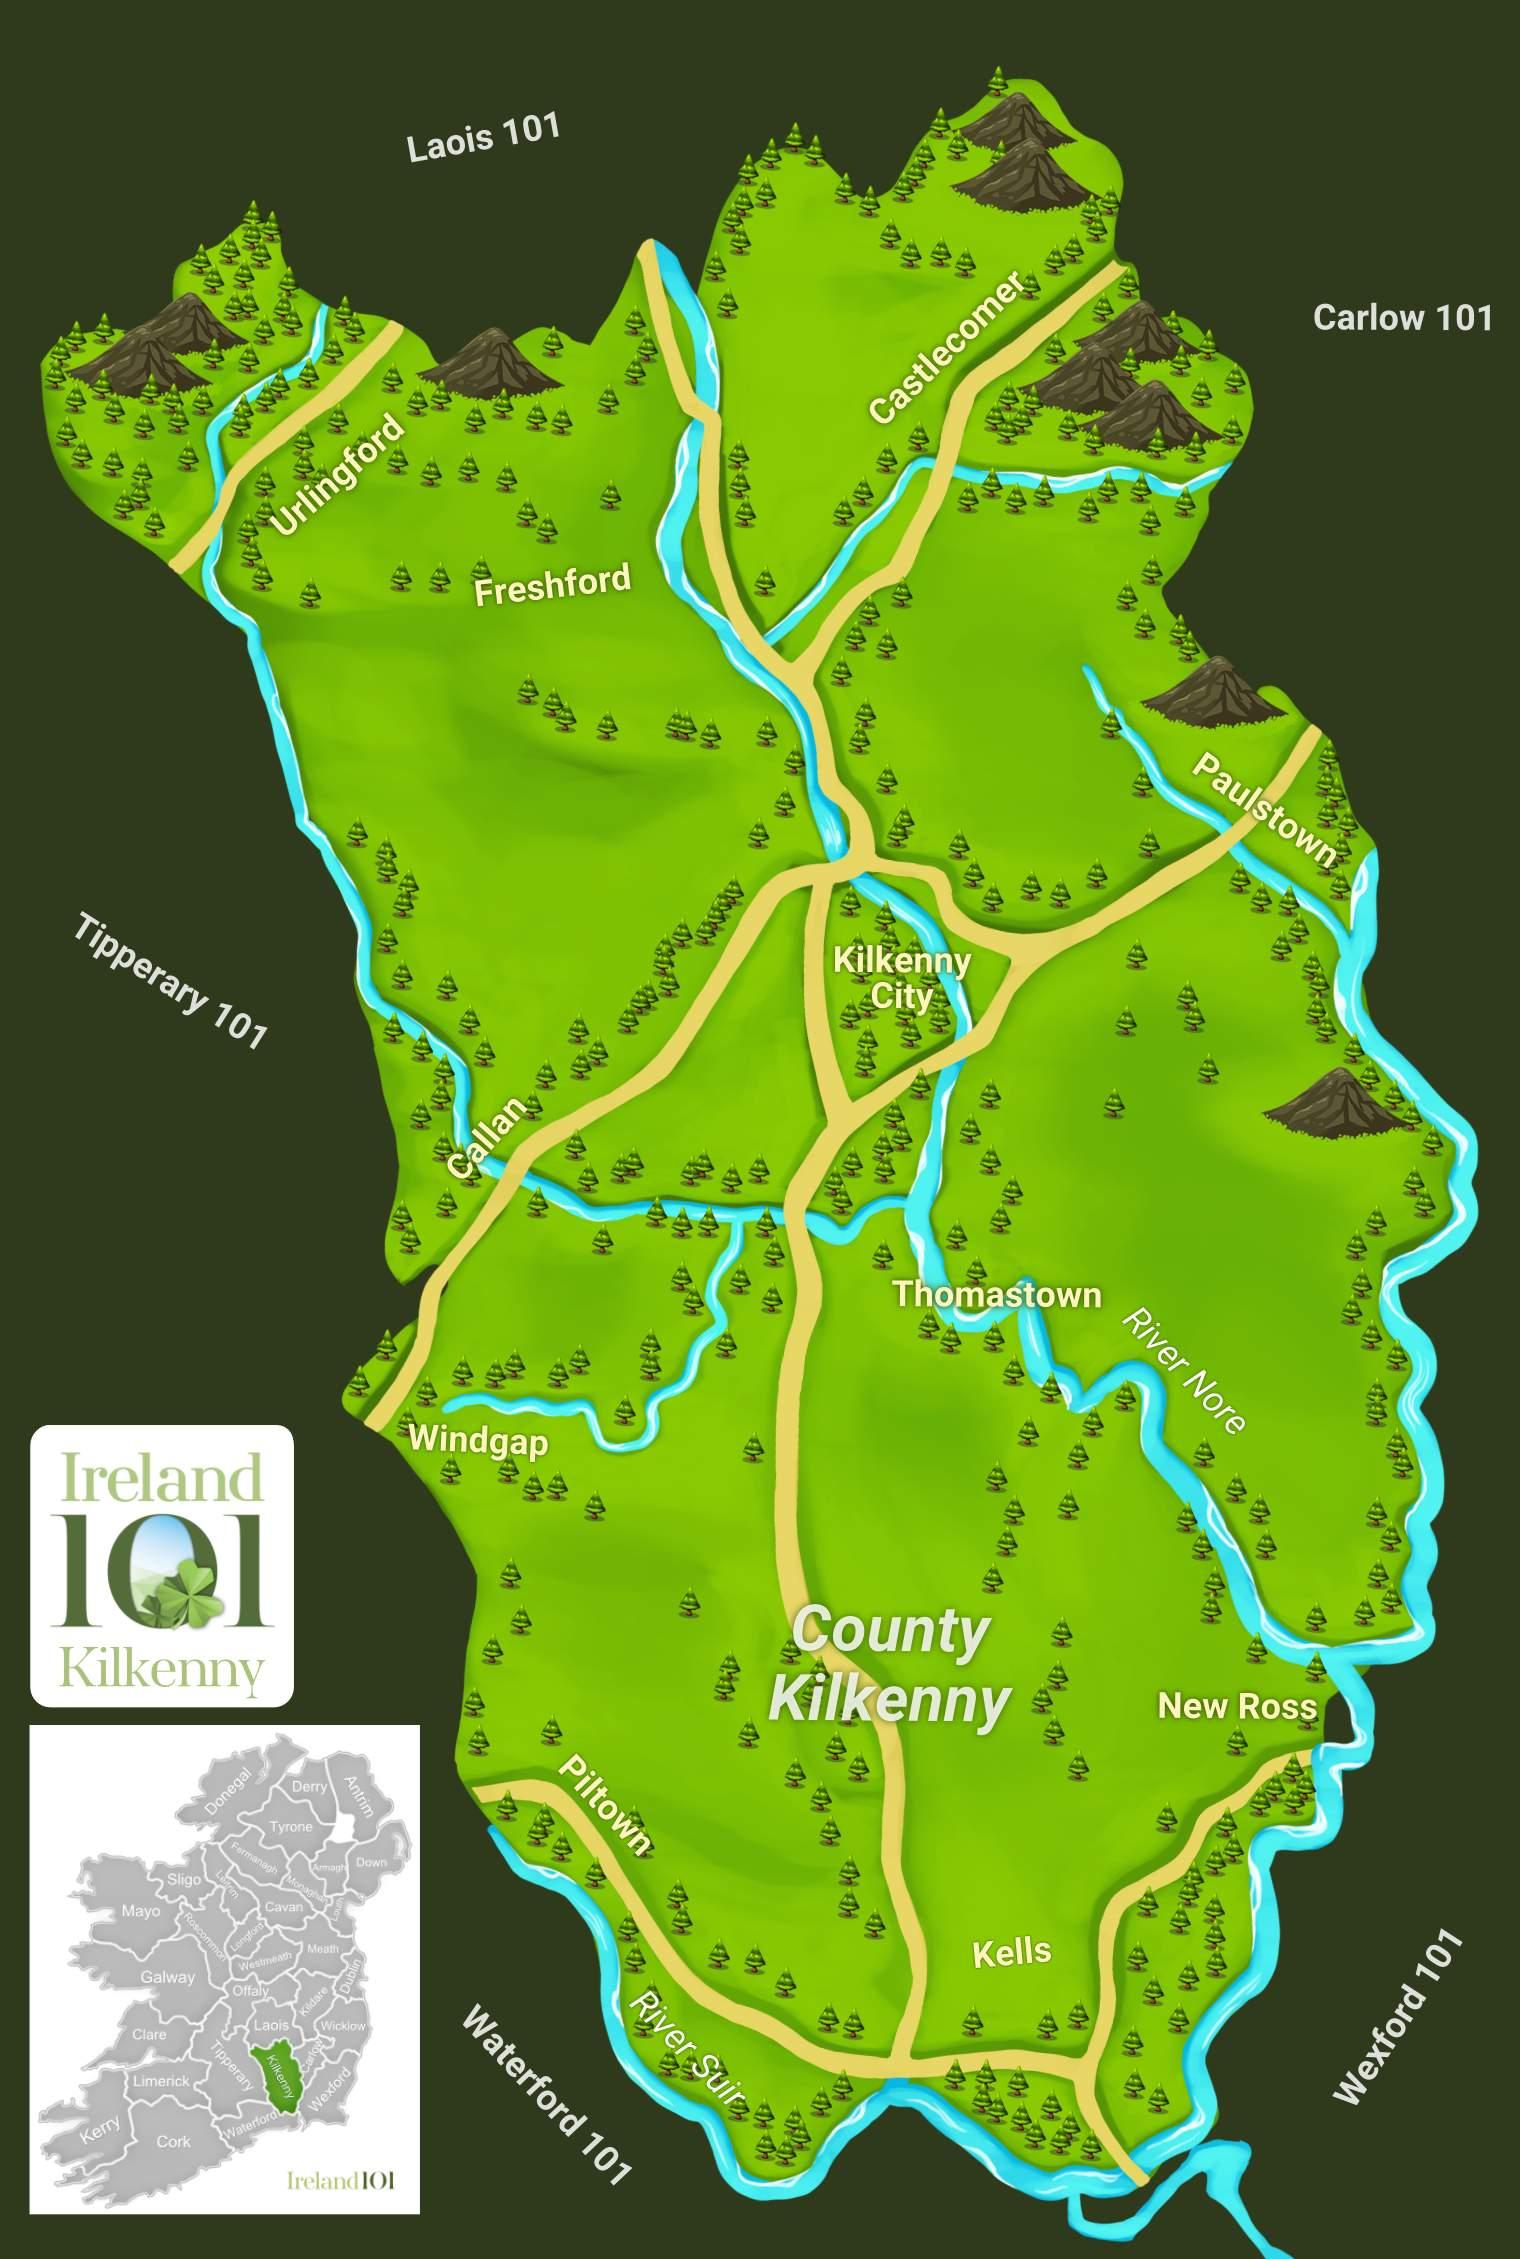 Map Of Ireland Showing Kilkenny.Counties Of Ireland Kilkenny Ireland